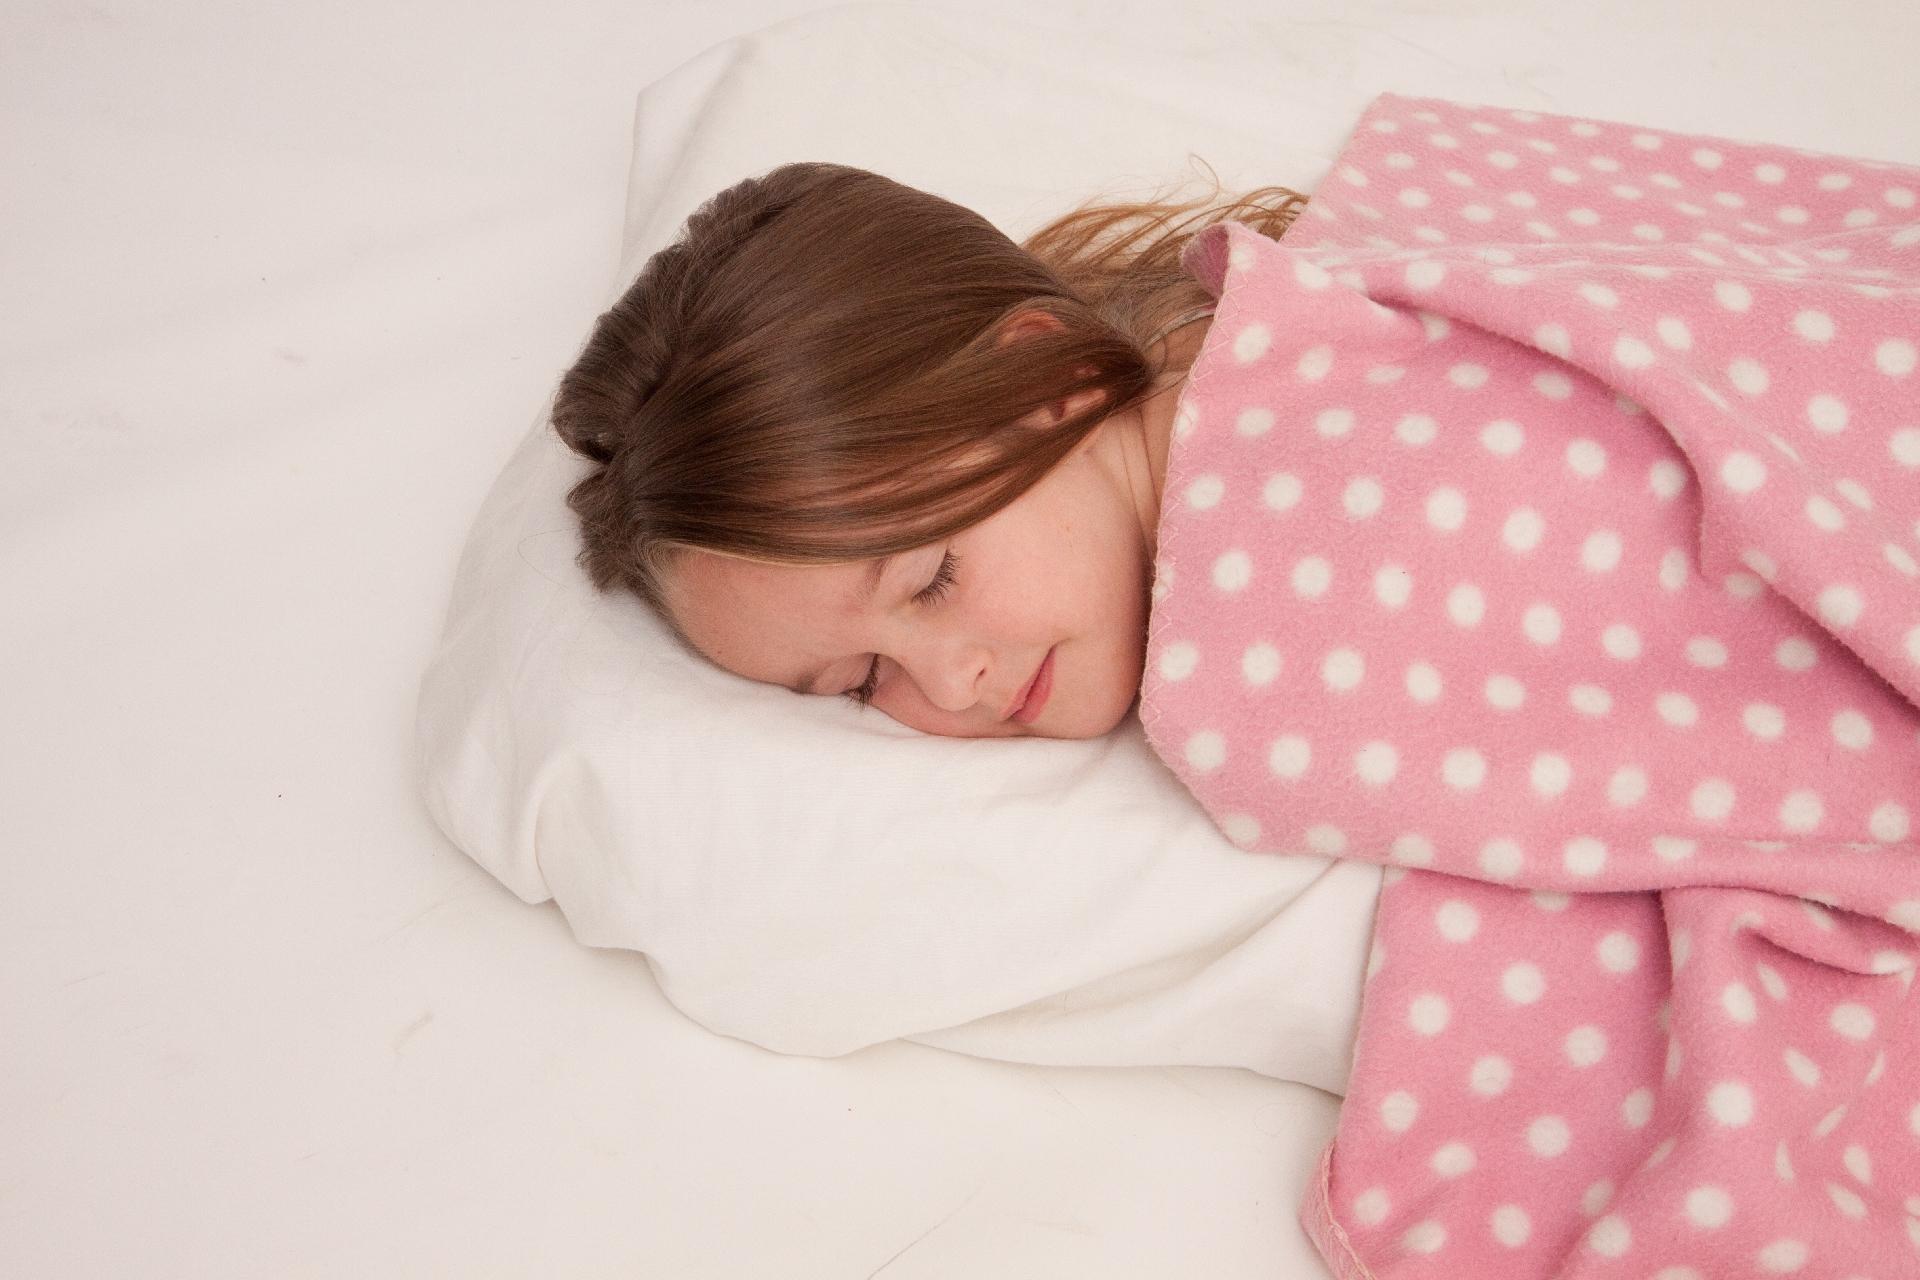 ベガコーポレーション 累計21万枚売上の着る毛布ブランケットをリニューアル